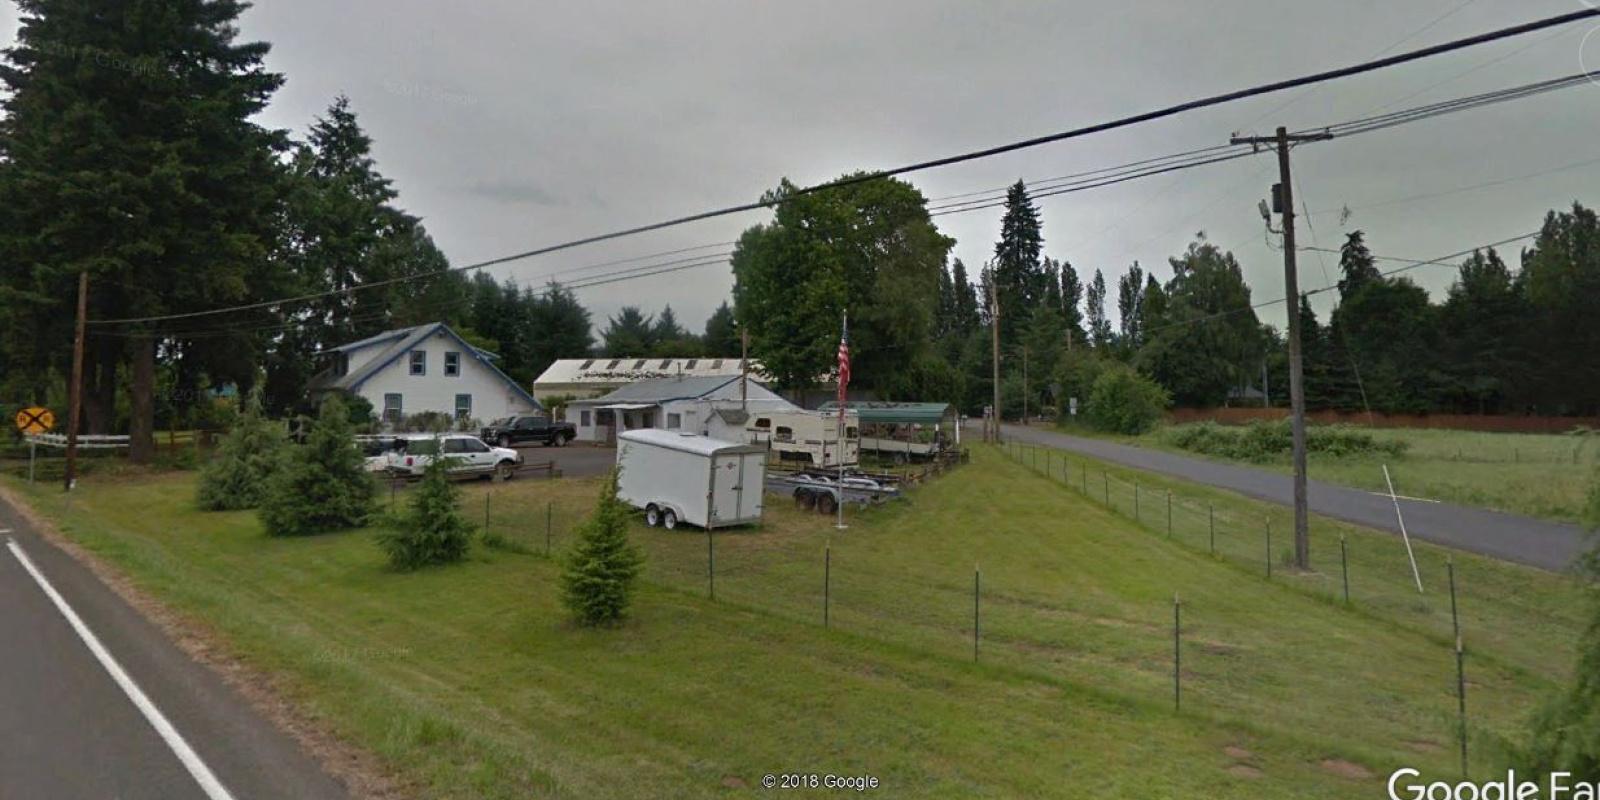 15131 NE Caples Rd, ,Commercial - Other,Sold/Leased,15131 NE Caples Rd,1279